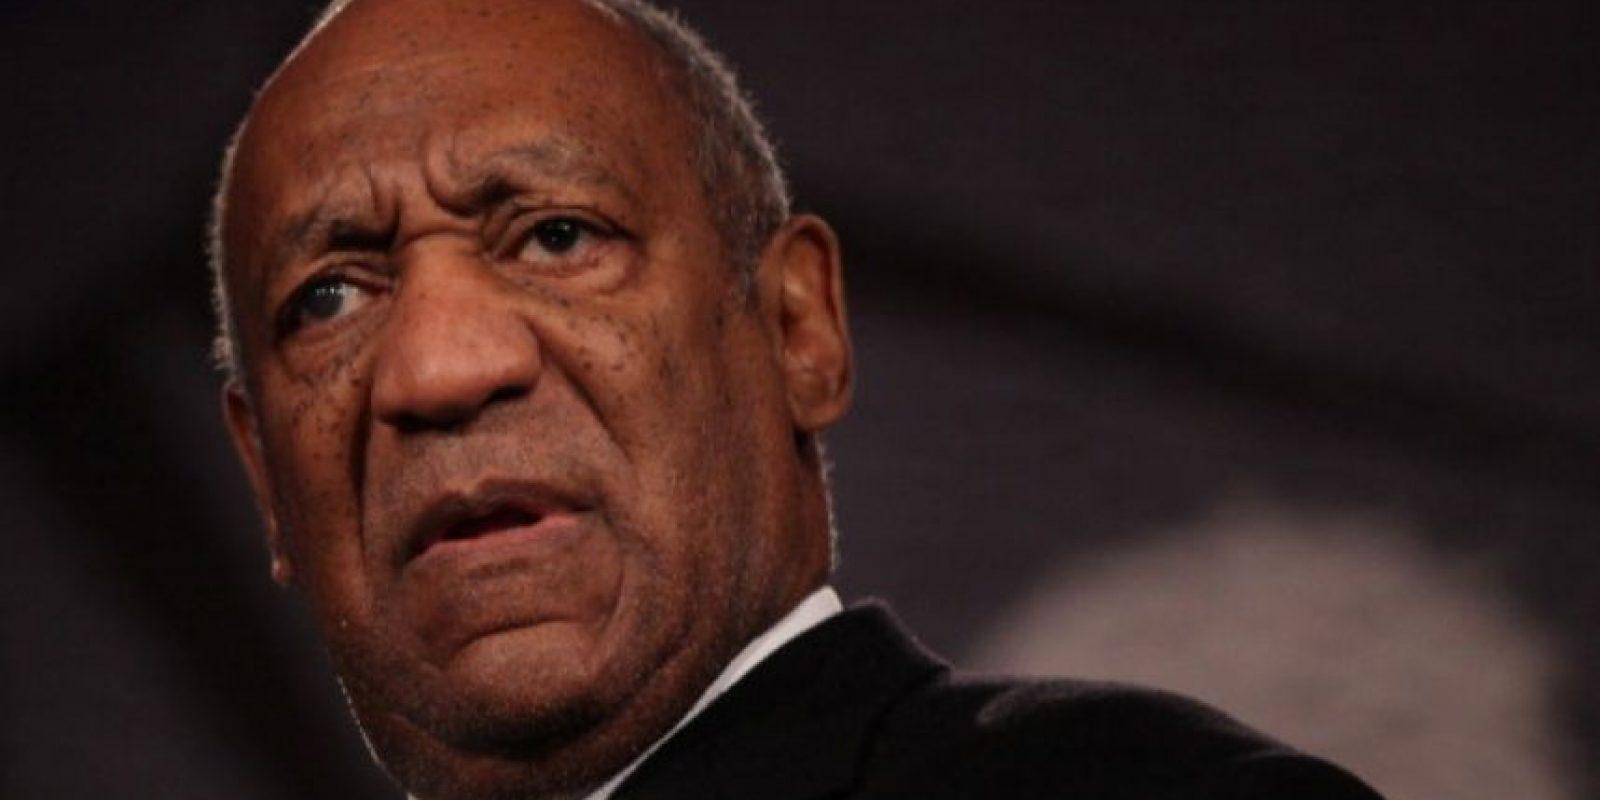 Ahora se revela una declaración de hace 10 años, en la que Cosby admite haber suministrado Quaaludes para abusar sexualmente de las mujeres. Foto:vía Getty Images